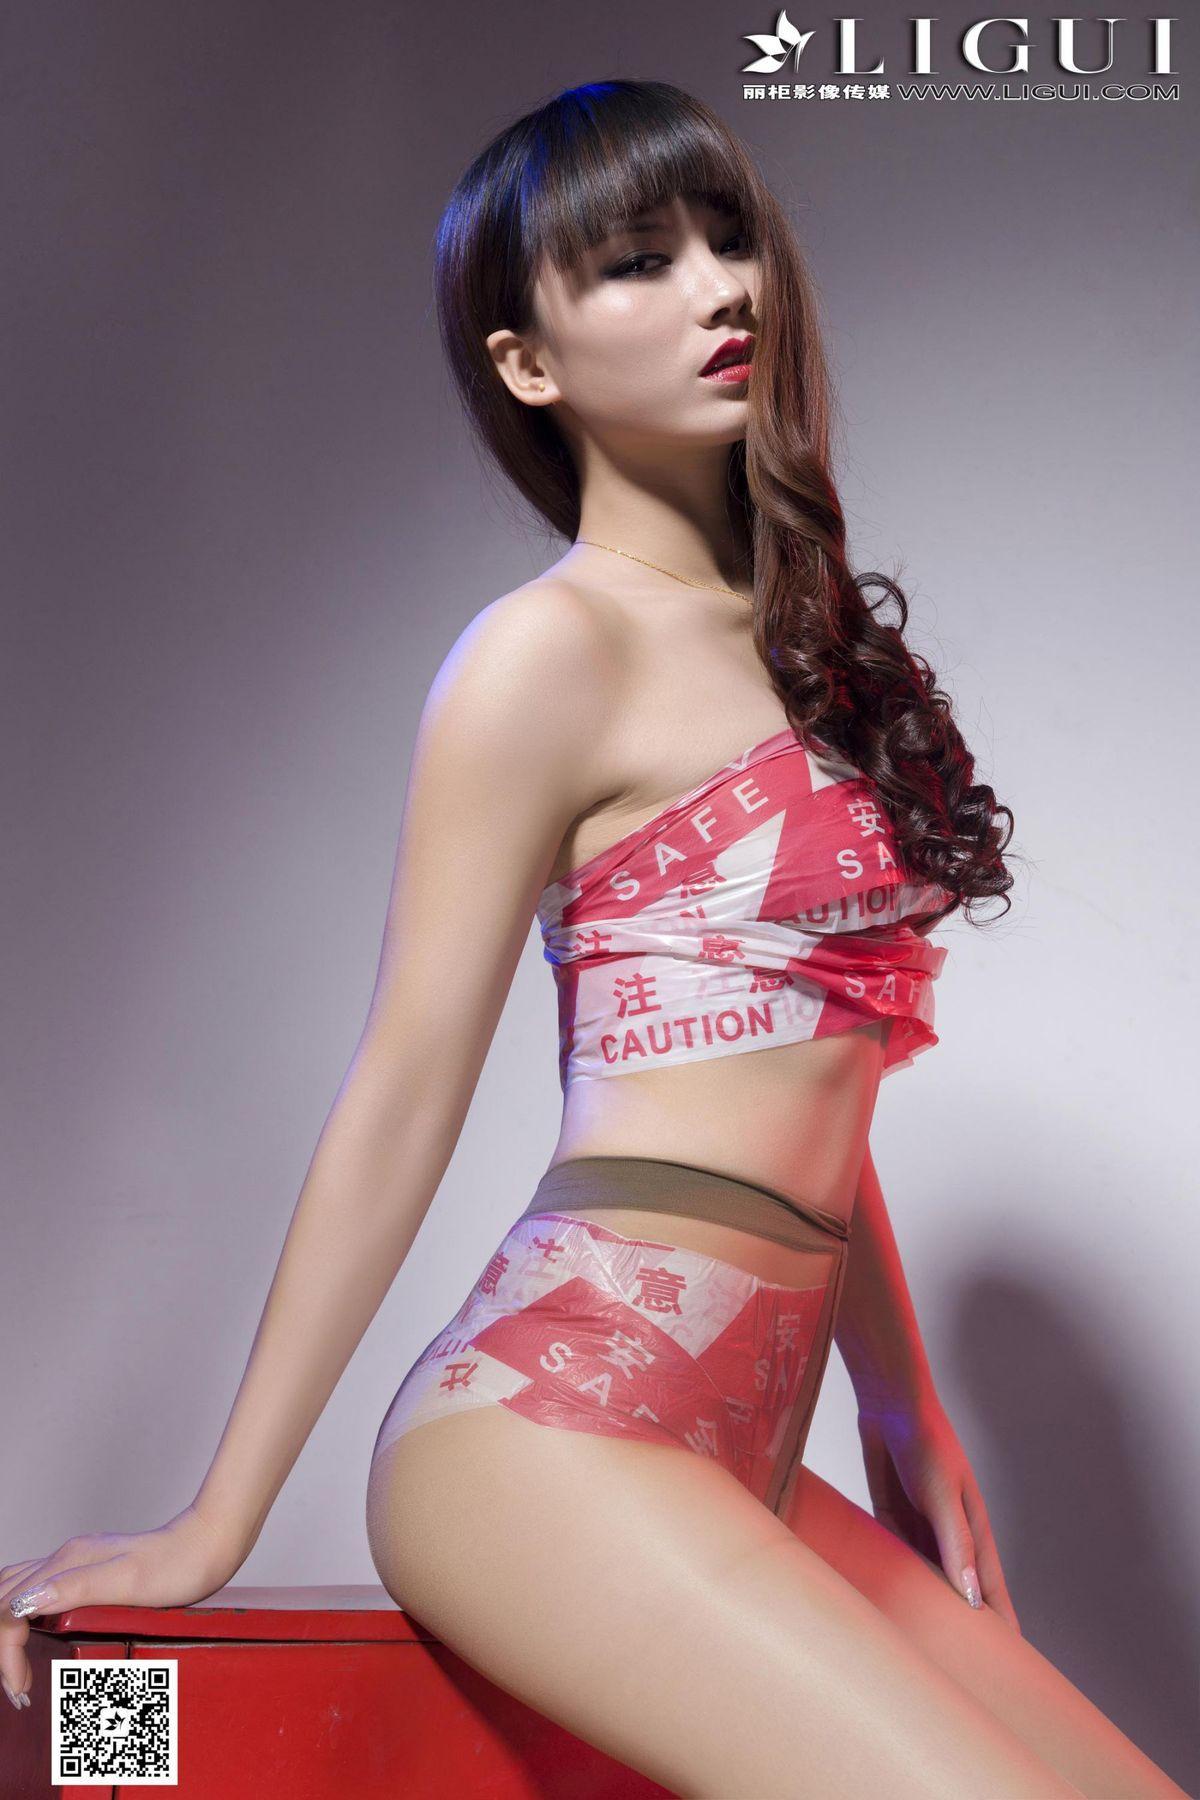 [丽柜LiGui] Model 晴晴《超薄肉丝袜美足》美腿玉足写真图片1